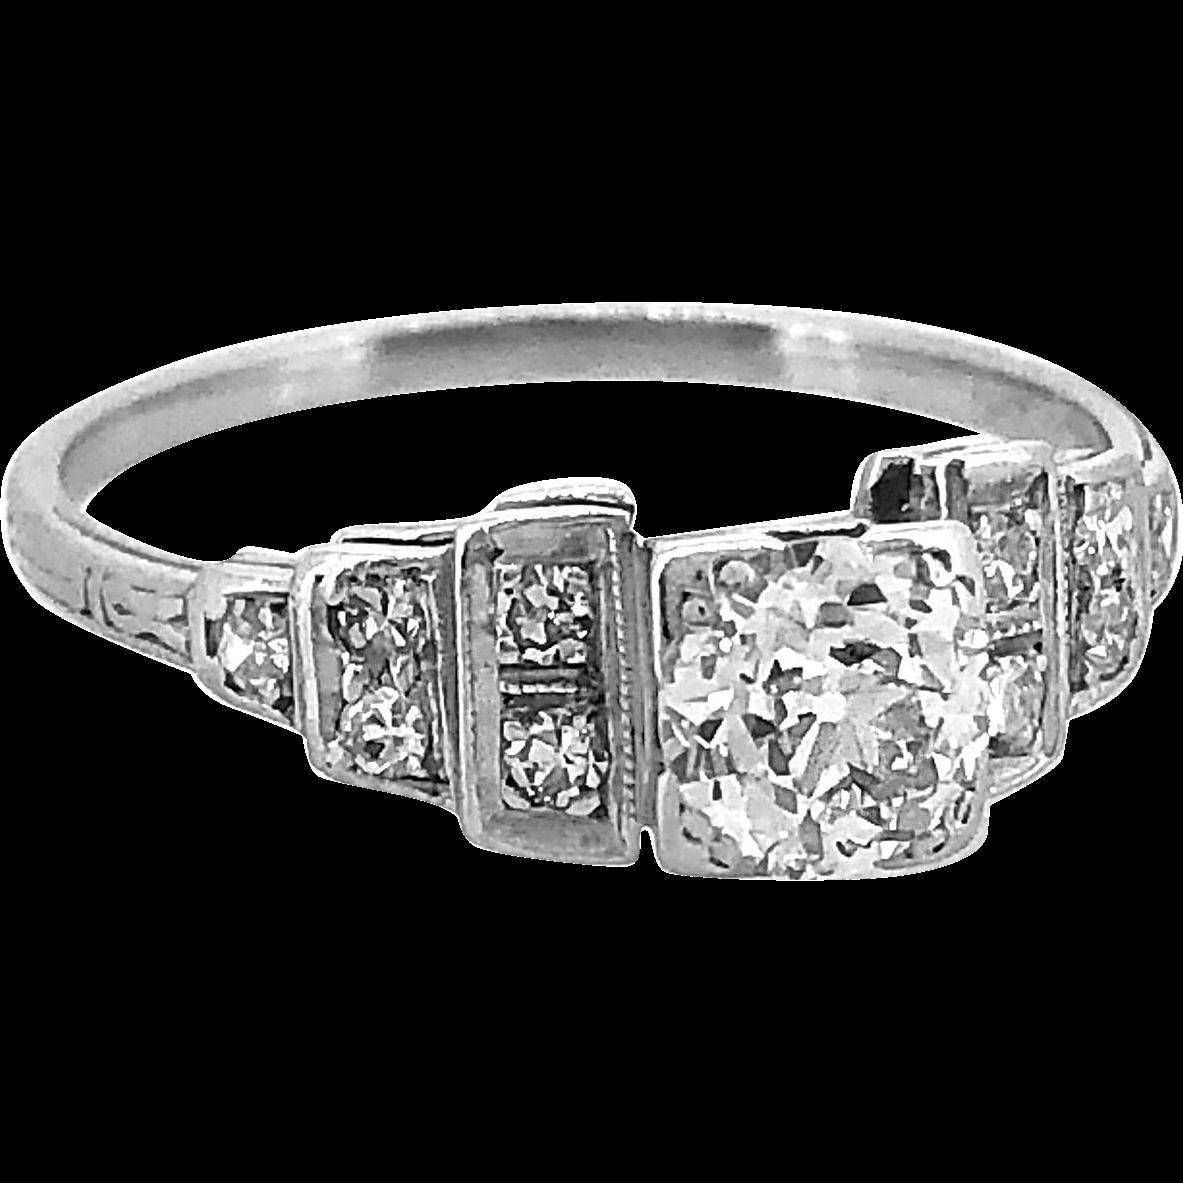 Antique Engagement Ring .50ct. Diamond & Platinum Art Deco - J36056